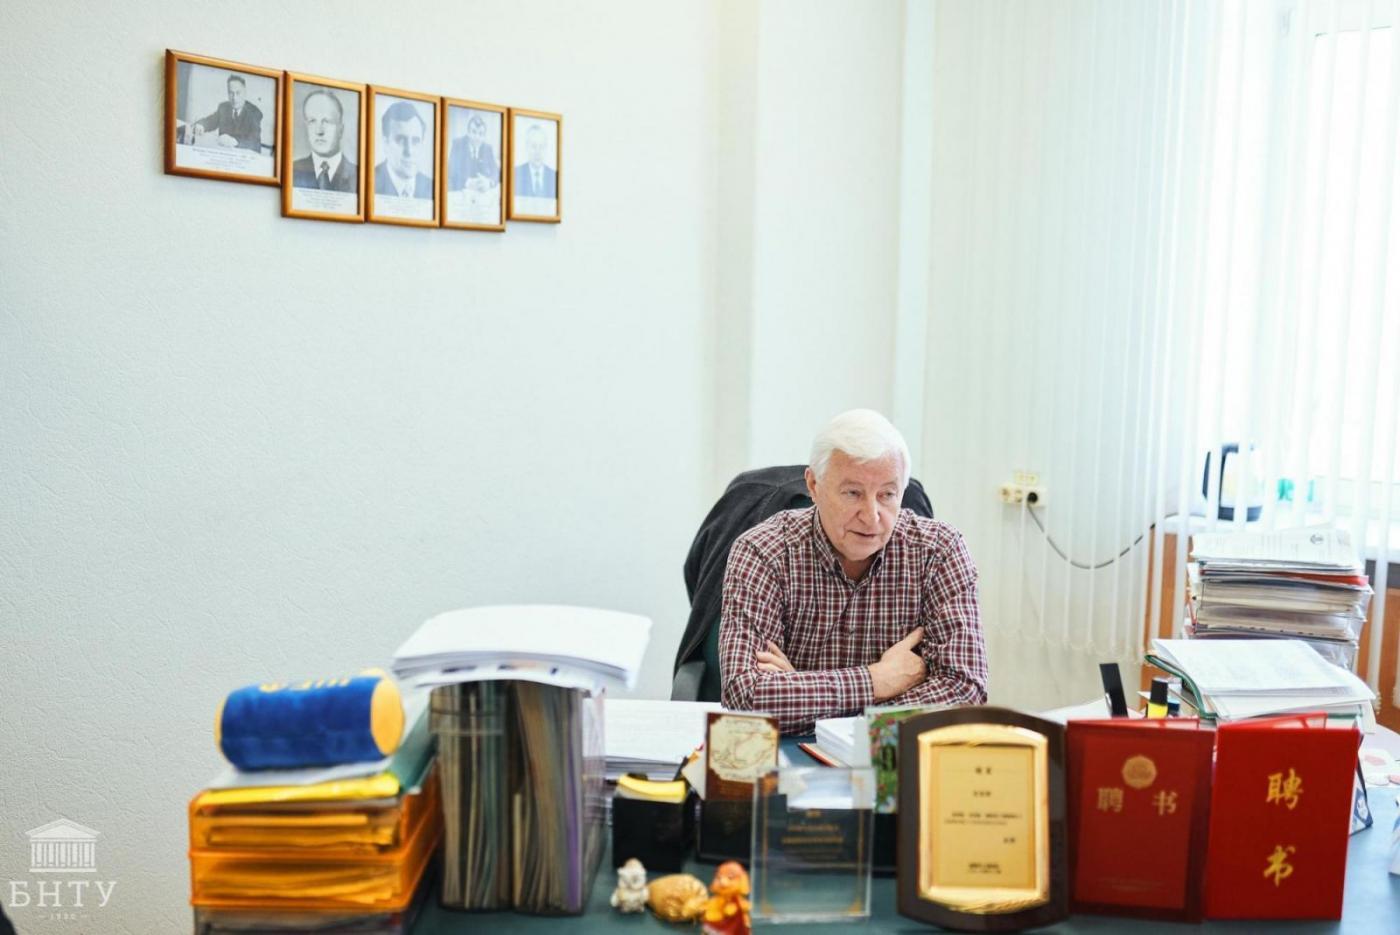 «Никогда не думал, что вернусь в БНТУ заведующим кафедрой», – поговорили с Валерием Константиновичем Шелегом накануне его дня рождения